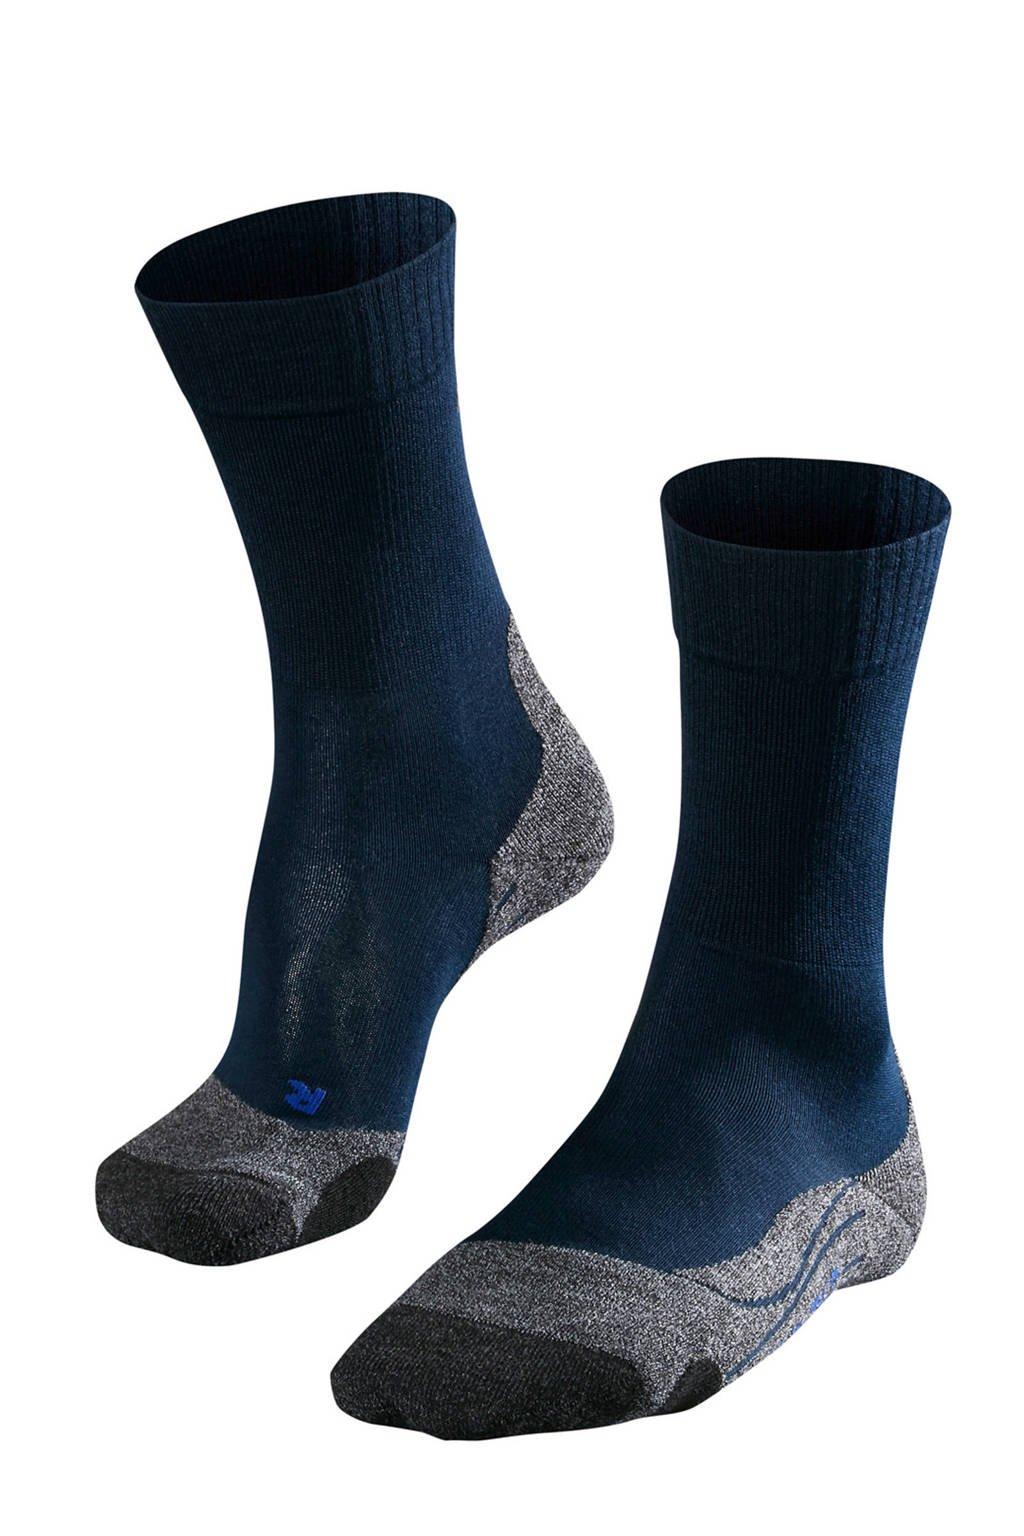 Falke Sport TK2 Cool wandelsokken, Marine/grijsmelange/zwart